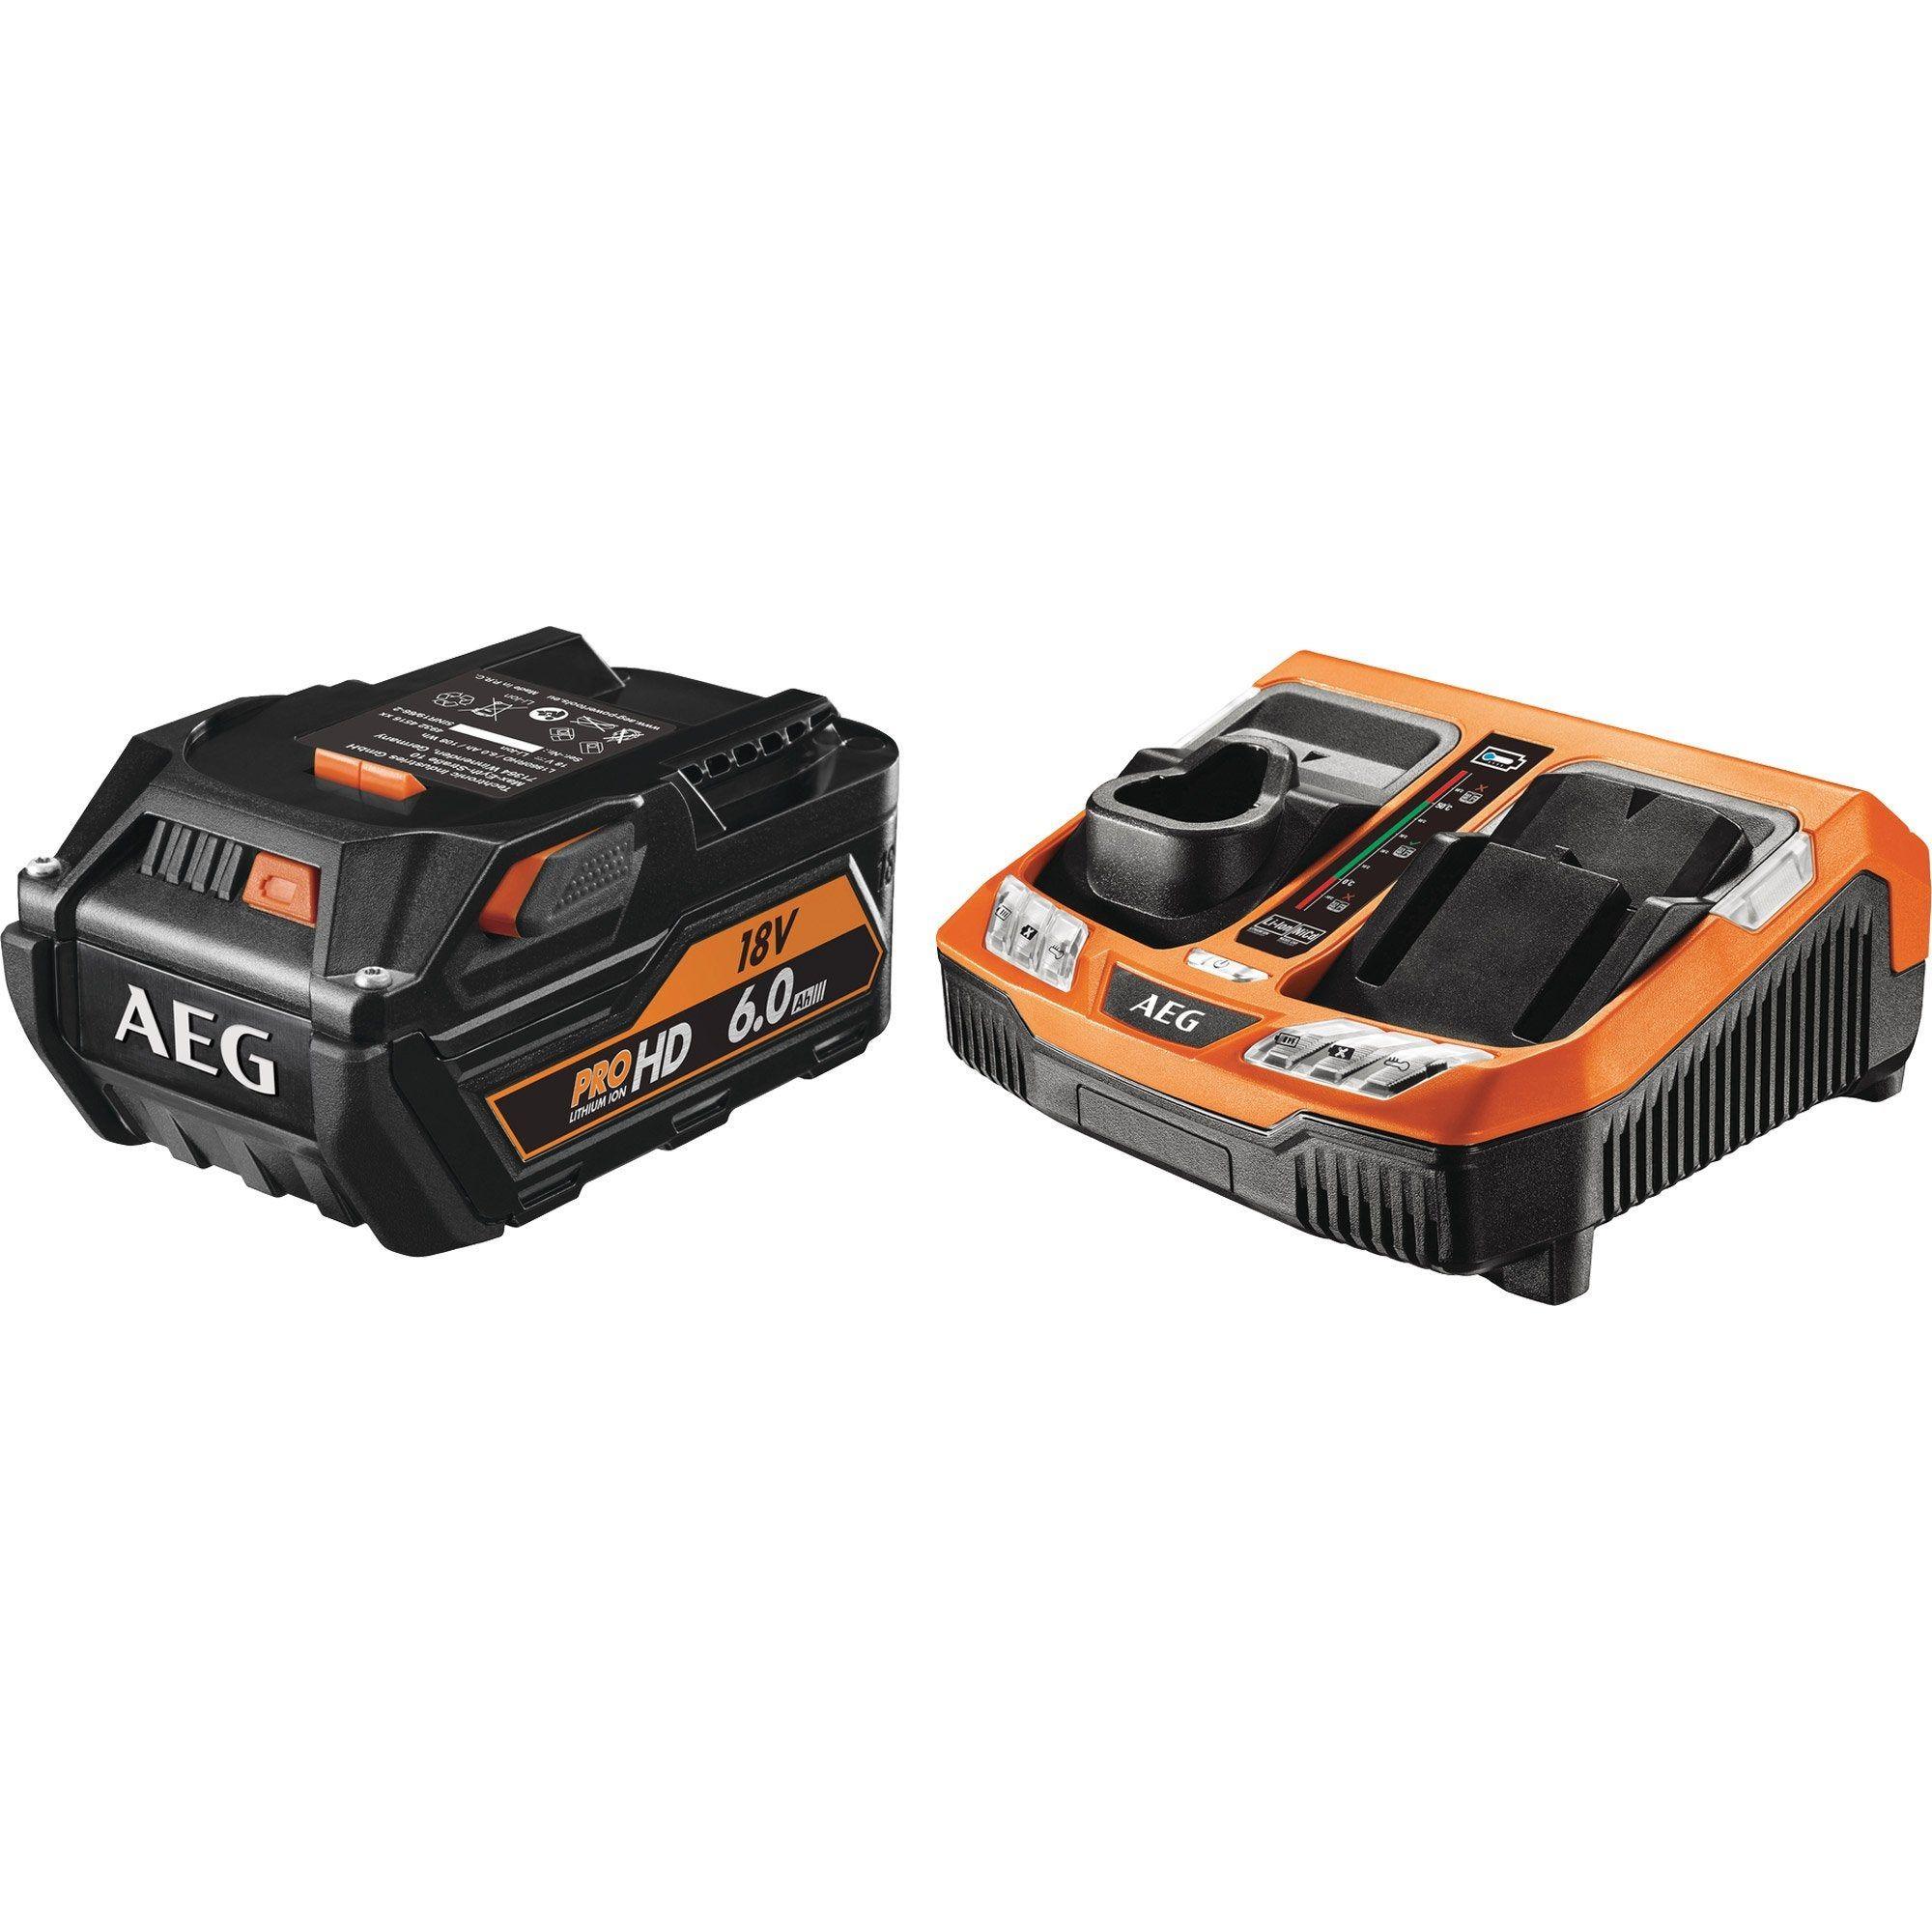 Chargeur Et Batterie Aeg Setl1860rhdblk En 2019 Products